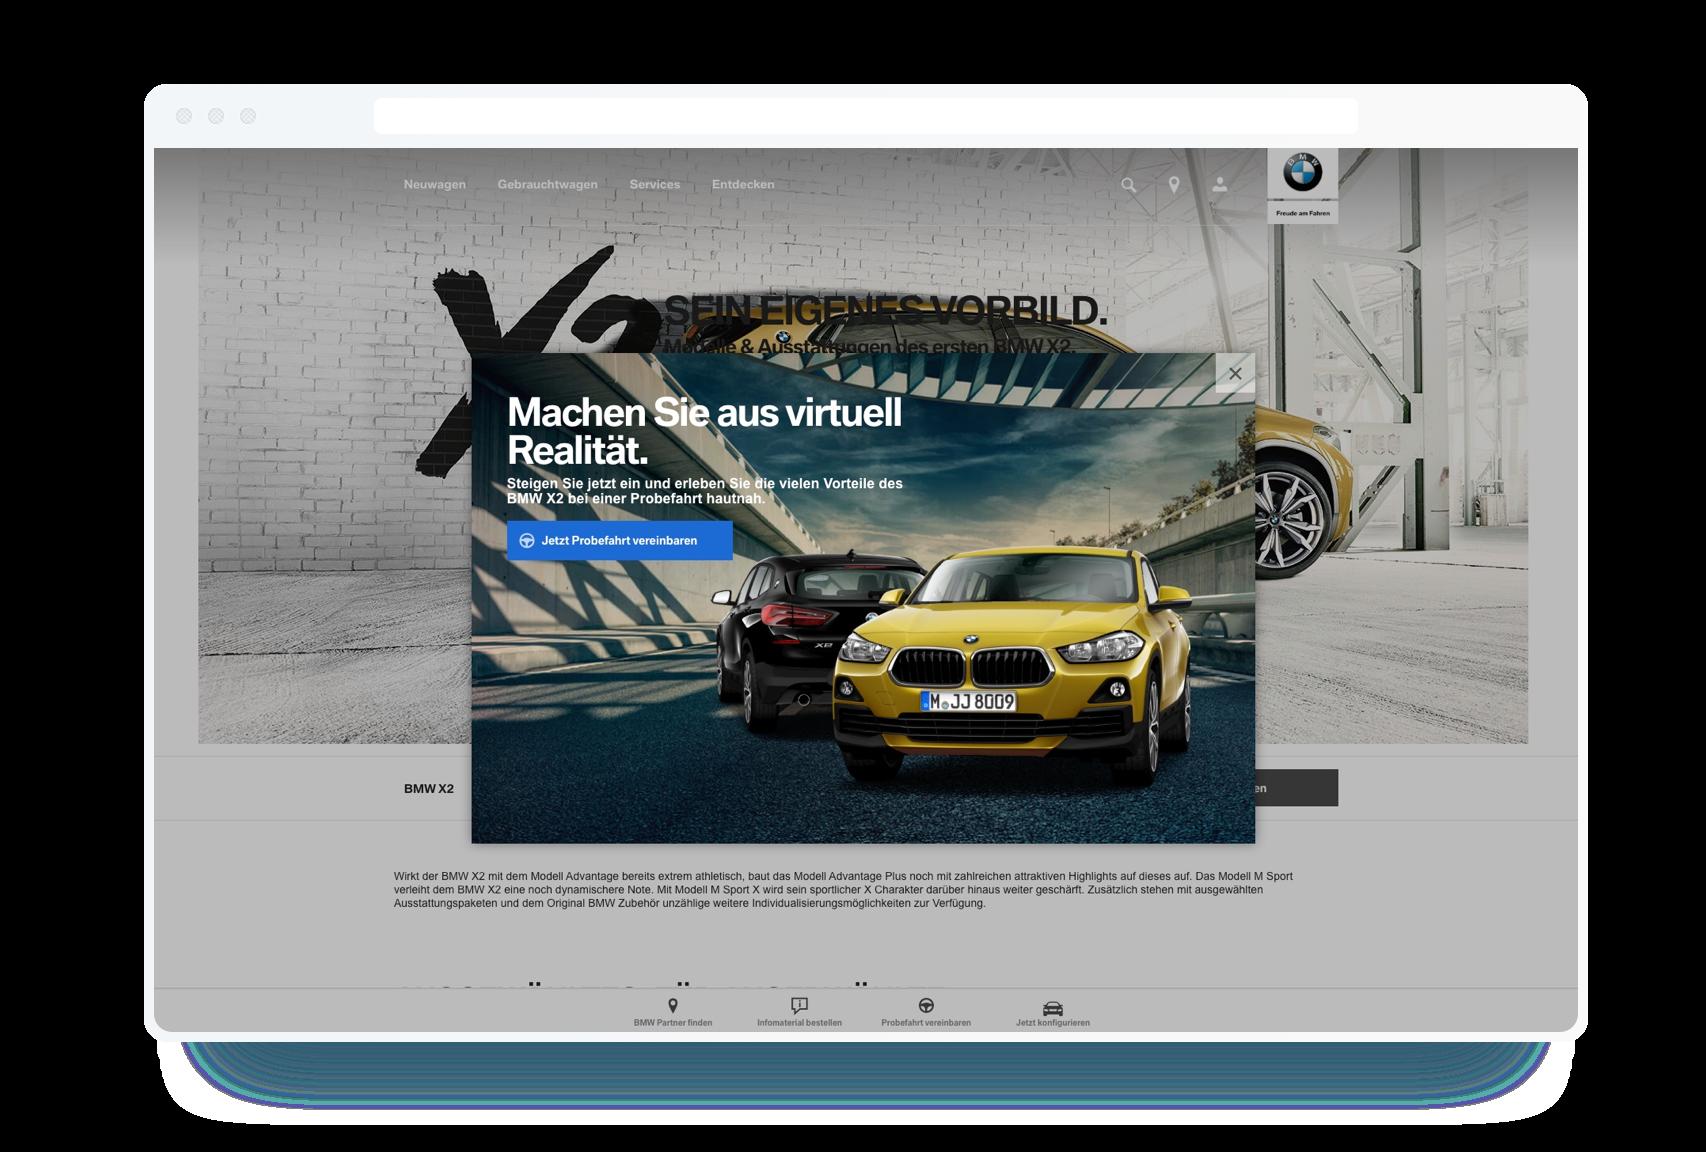 BMW_testdrive.png